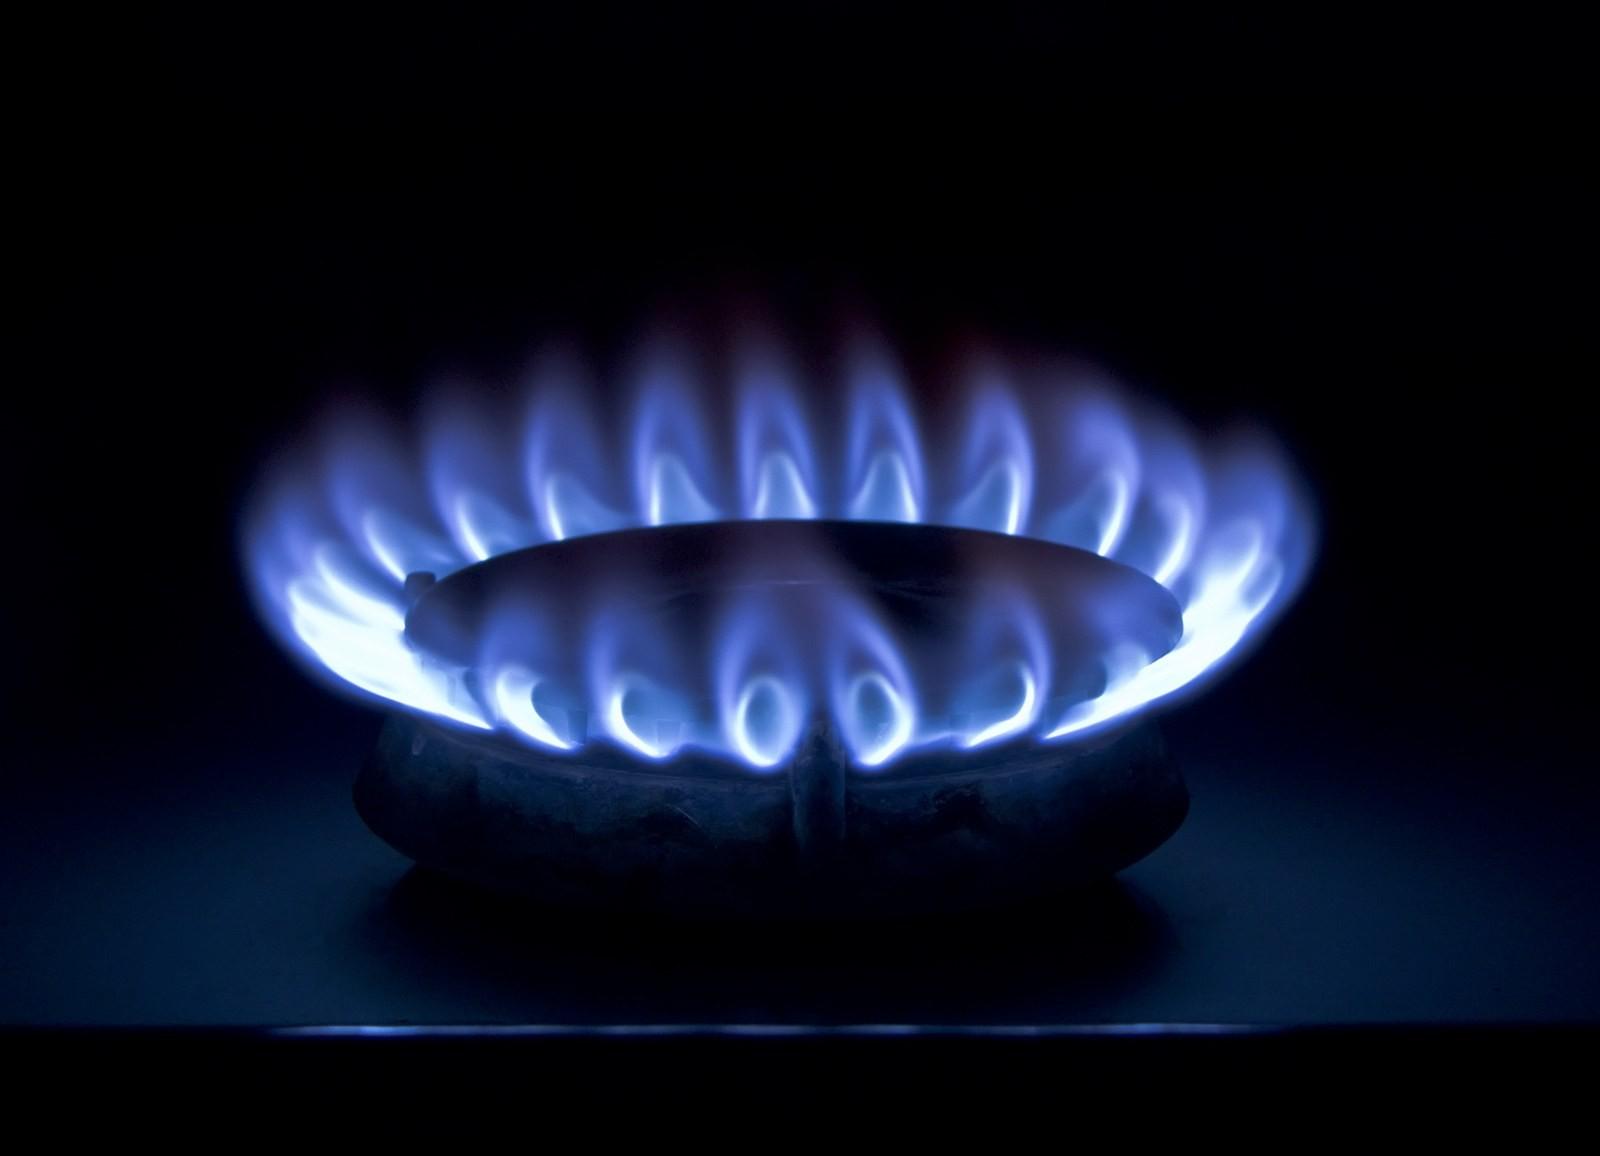 СМИ: С 2021 года добываемого газа Узбекистану будет не хватать для удовлетворения собственных нужд